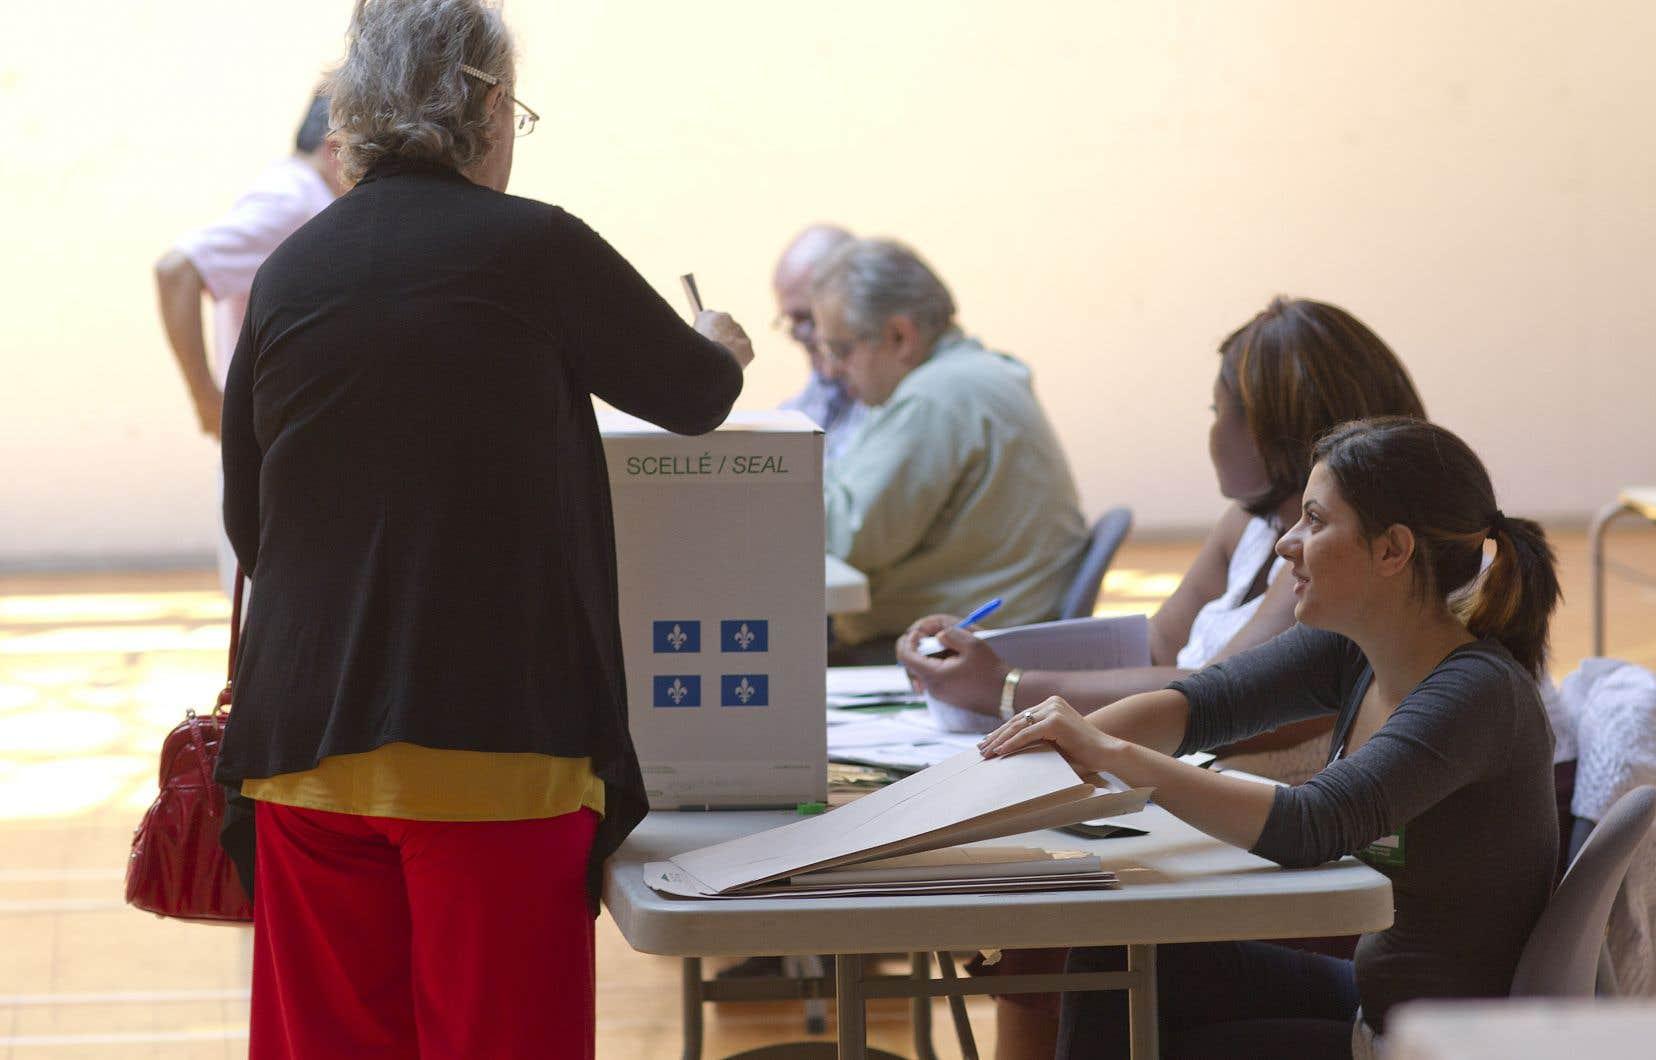 Le mode de scrutin uninominal que nous utilisons ne reflète pas fidèlement le soutien réel des partis politiques dans la population.